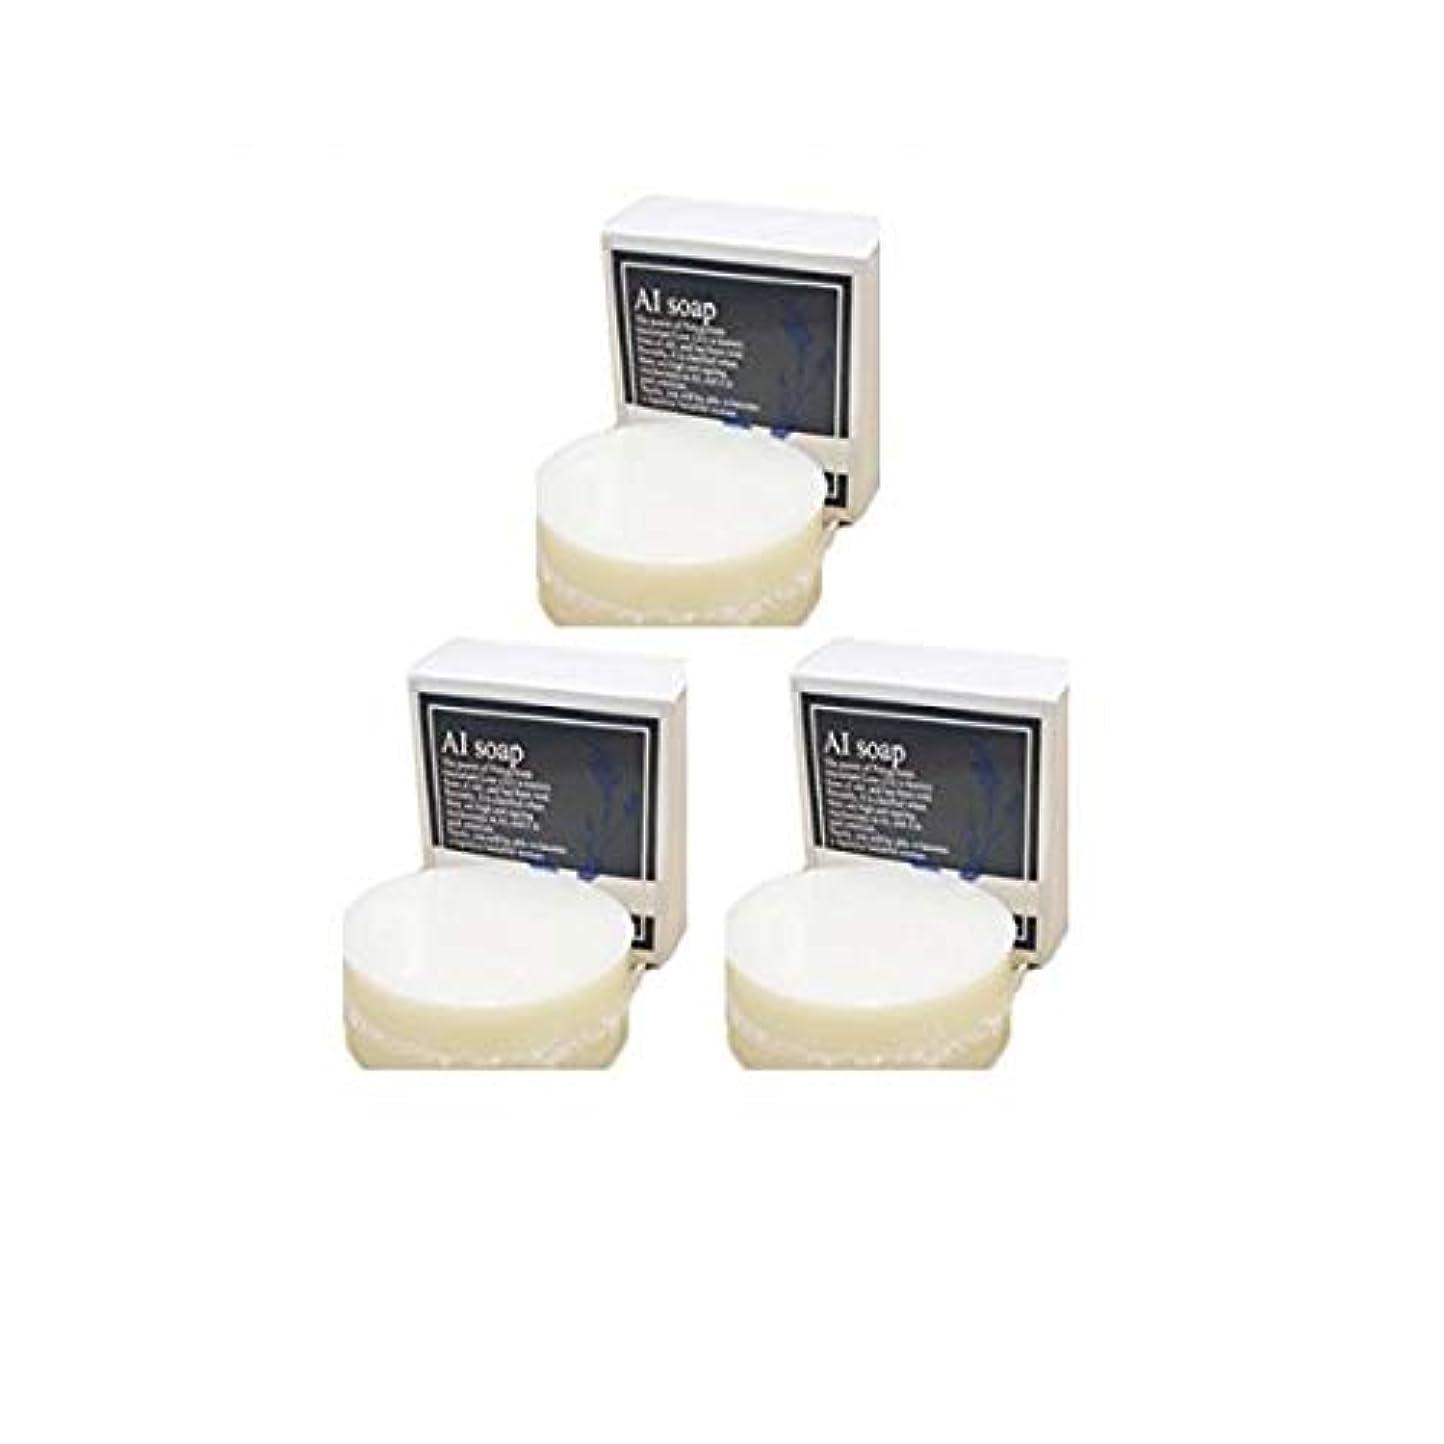 瀬戸際脇に位置するAI soap 藍石鹸 3個セット(100g×3個)藍エキス配合の無添加石鹸